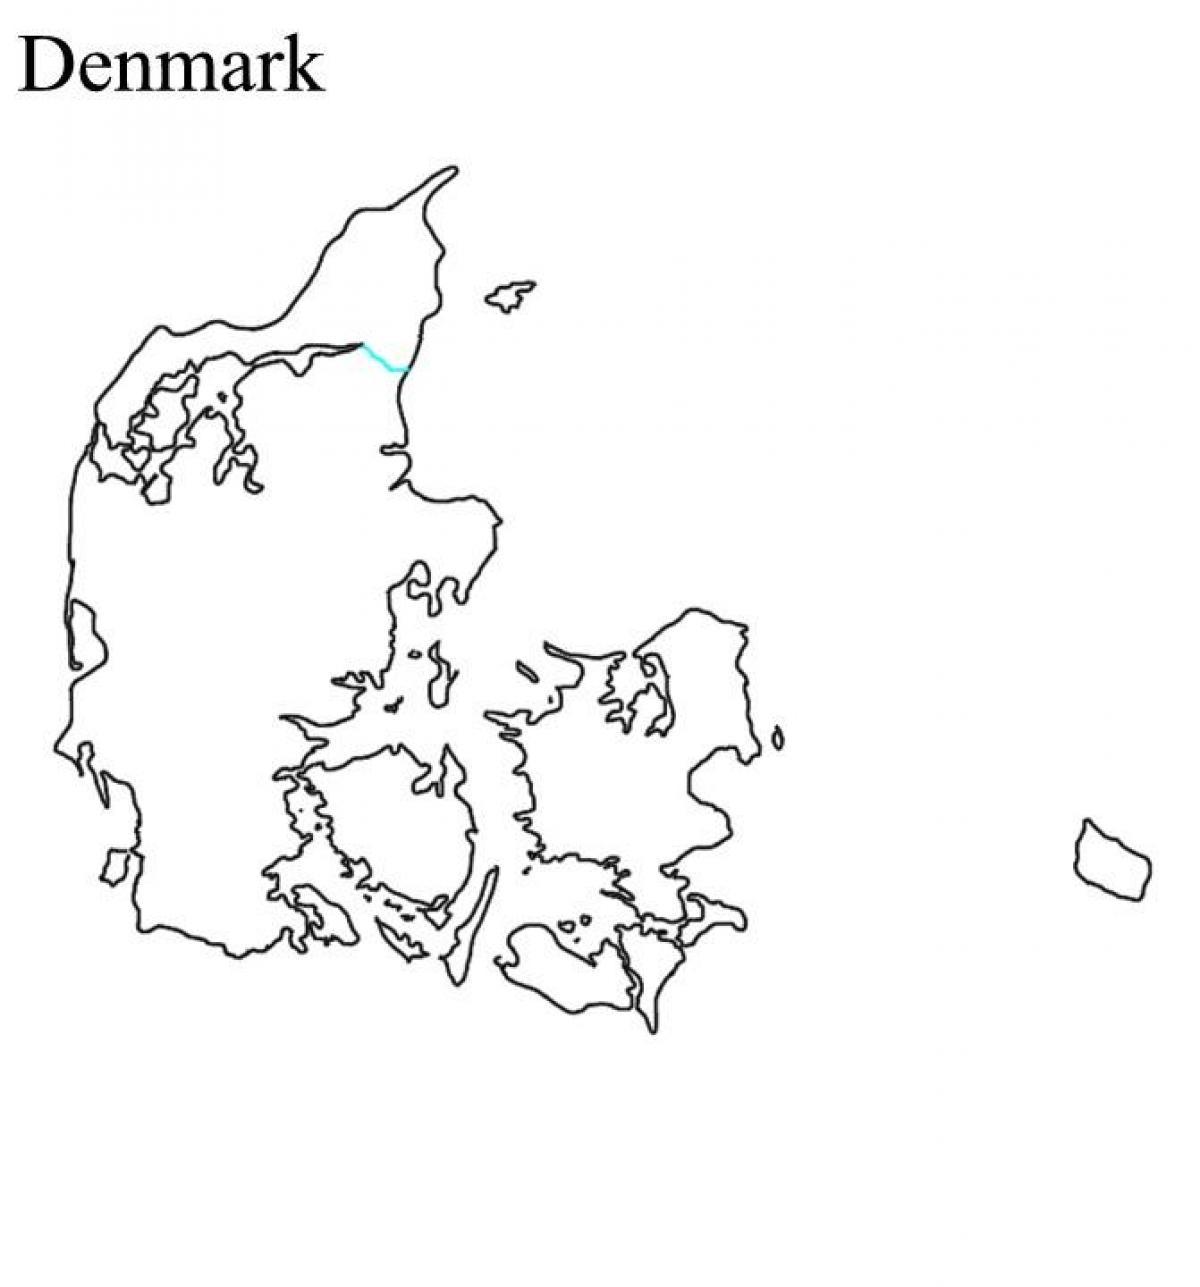 Dansko Prazdne Mape Slepa Mapa Danska Severni Evropa Evropa